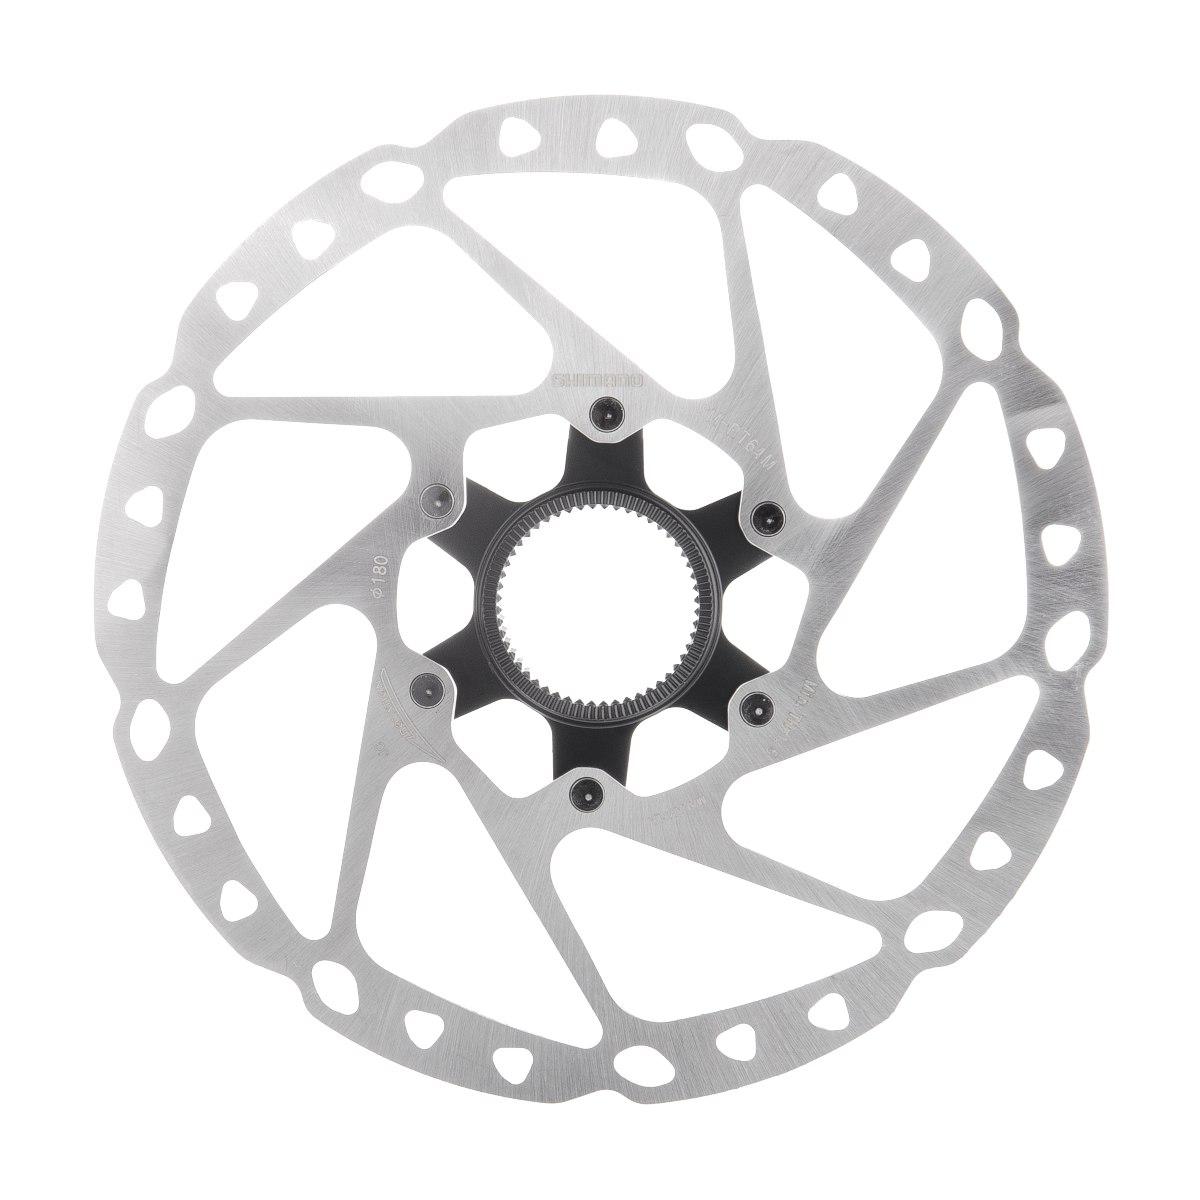 Produktbild von Shimano Deore SM-RT64 Bremsscheibe - Centerlock